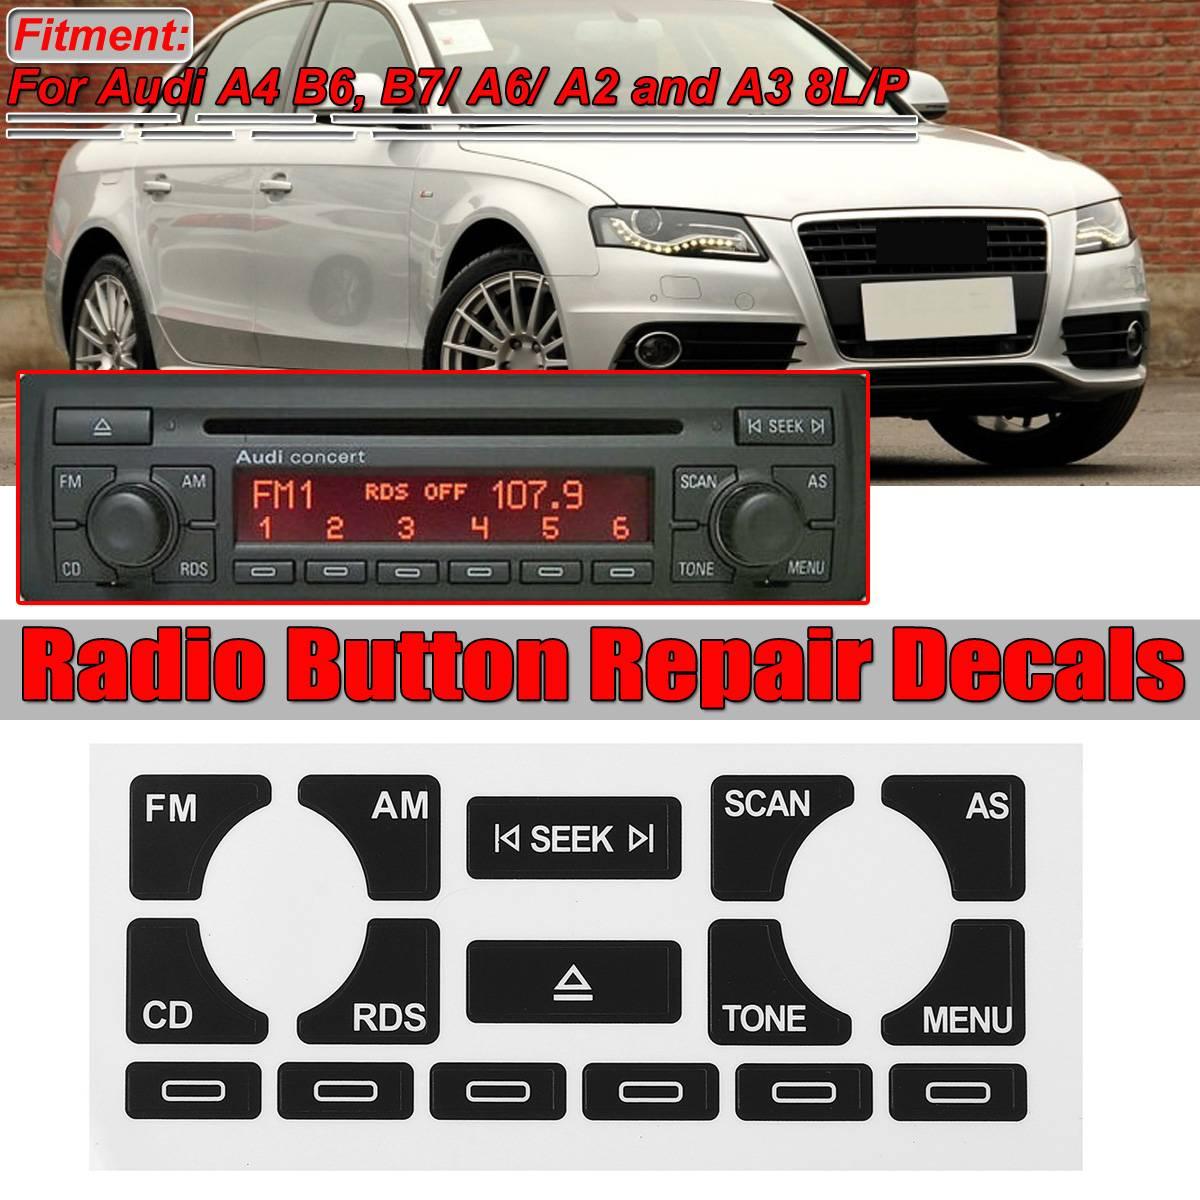 AS/TP voiture multimédia Radio stéréo usé Peeling bouton réparation autocollants pour Audi A4 B6 B7/A6/A2 A3 8L/P Fix moche bouton